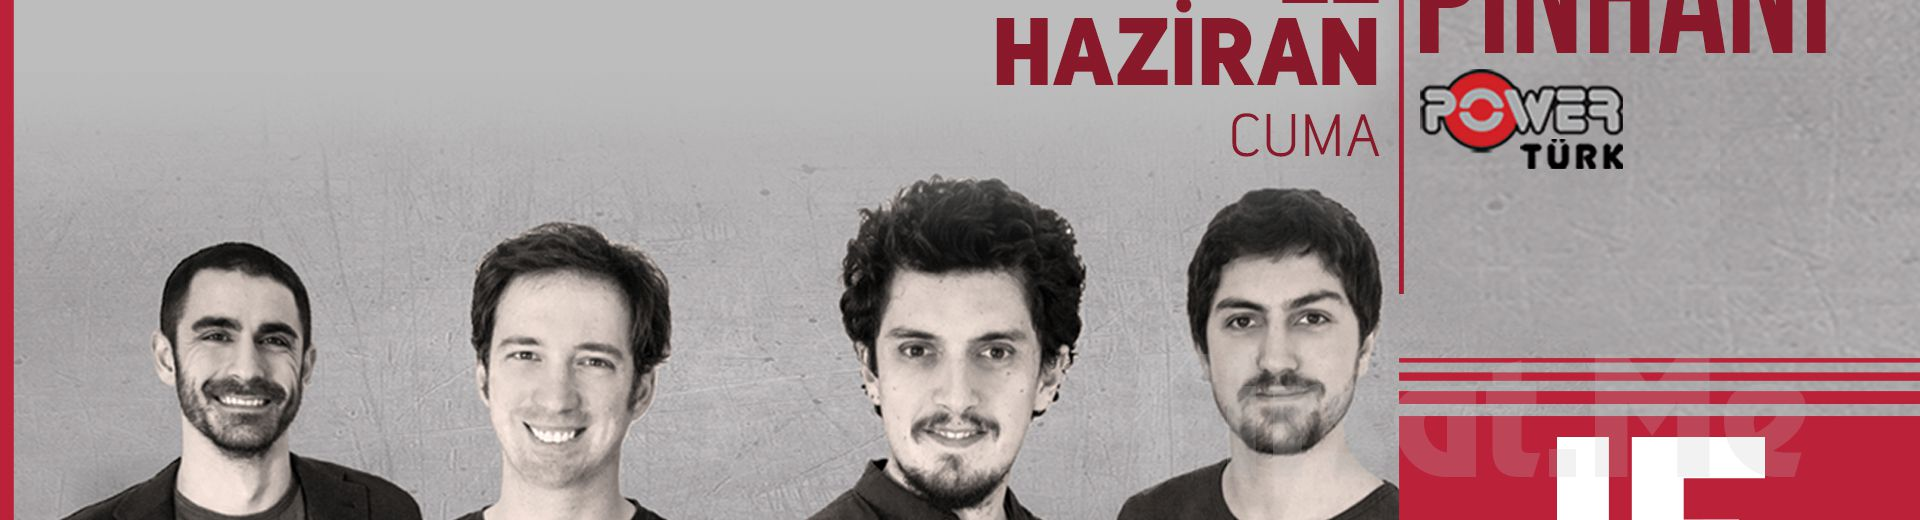 IF Performance Hall Beşiktaş'ta 22 Haziran'da Pinhani Konser Giriş Bileti